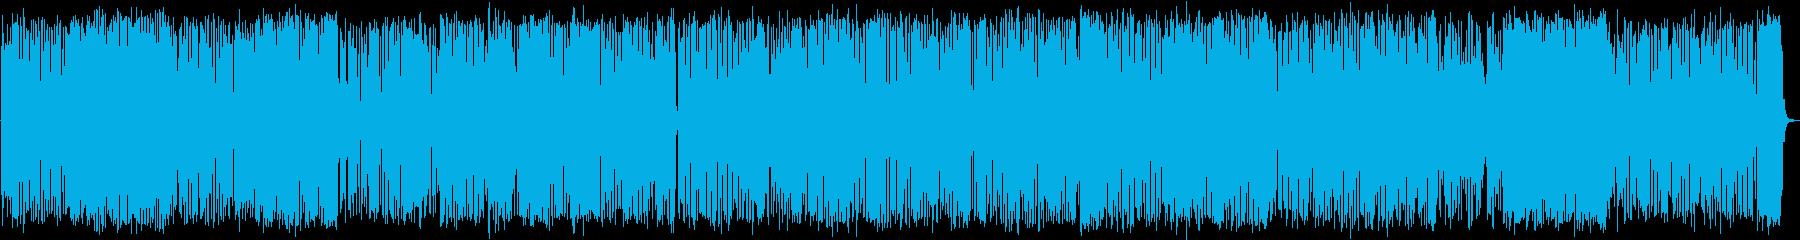 けだるく軽快なトランペットジャズ・ハウスの再生済みの波形